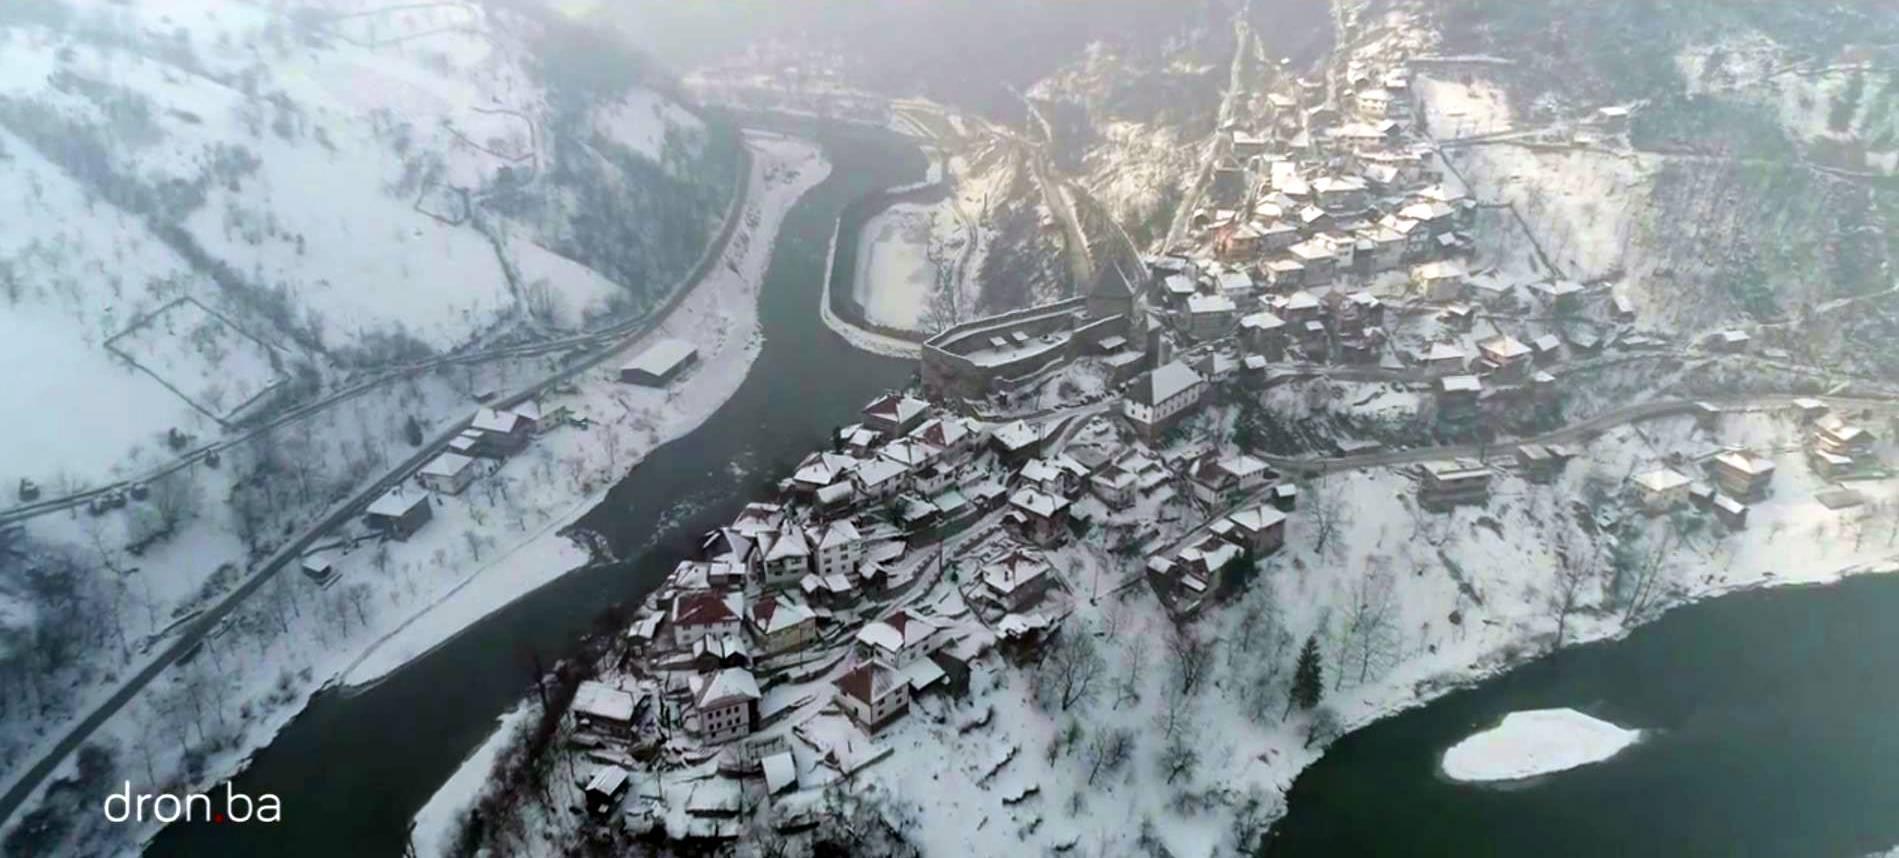 Pogledajte video ove jedinstvene lokacije iz zraka, te čim vam se ...